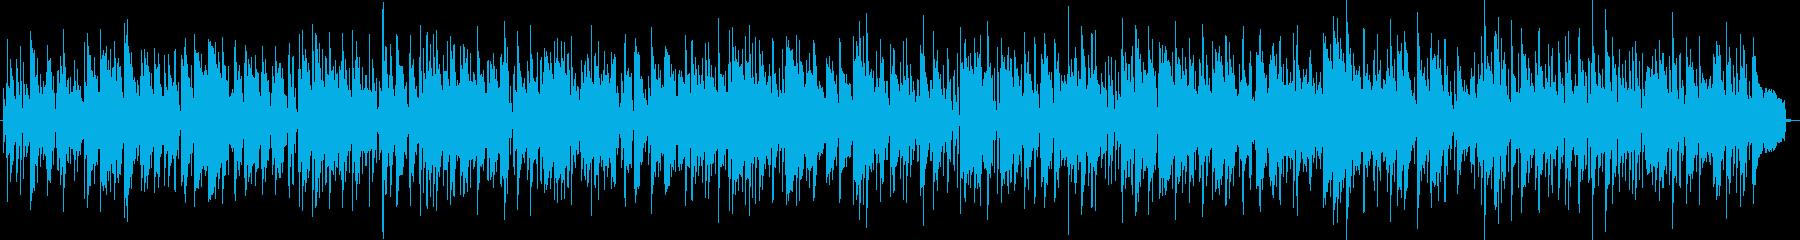 癒しのボサノバ、トロンボーンの再生済みの波形